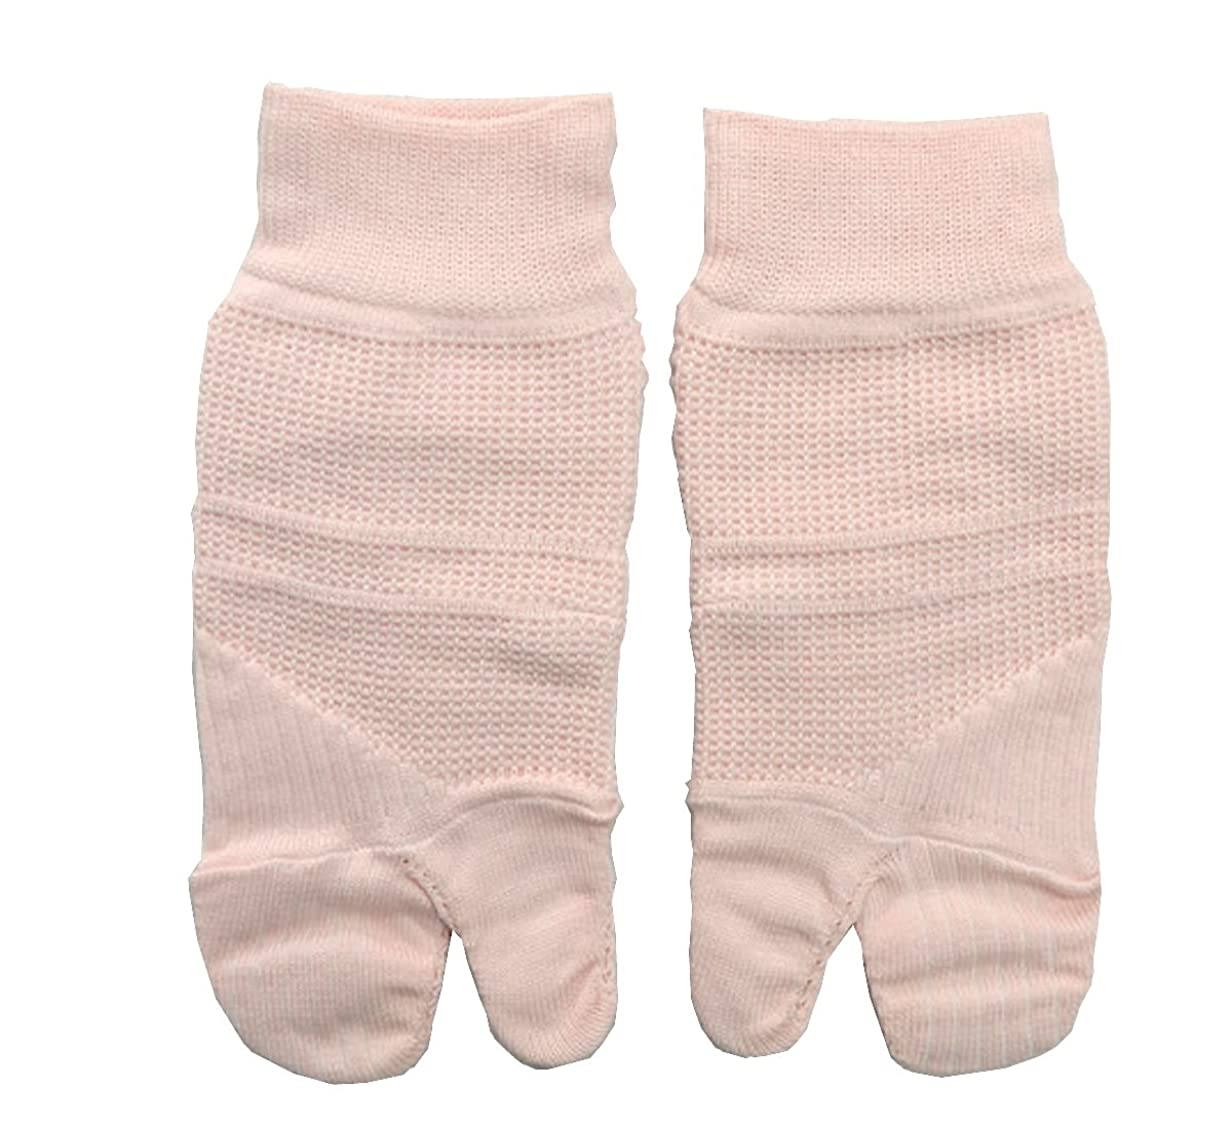 暖かくセミナー分類外反母趾対策靴下(通常タイプ) コーポレーションパールスター?広島大学大学院特許製品